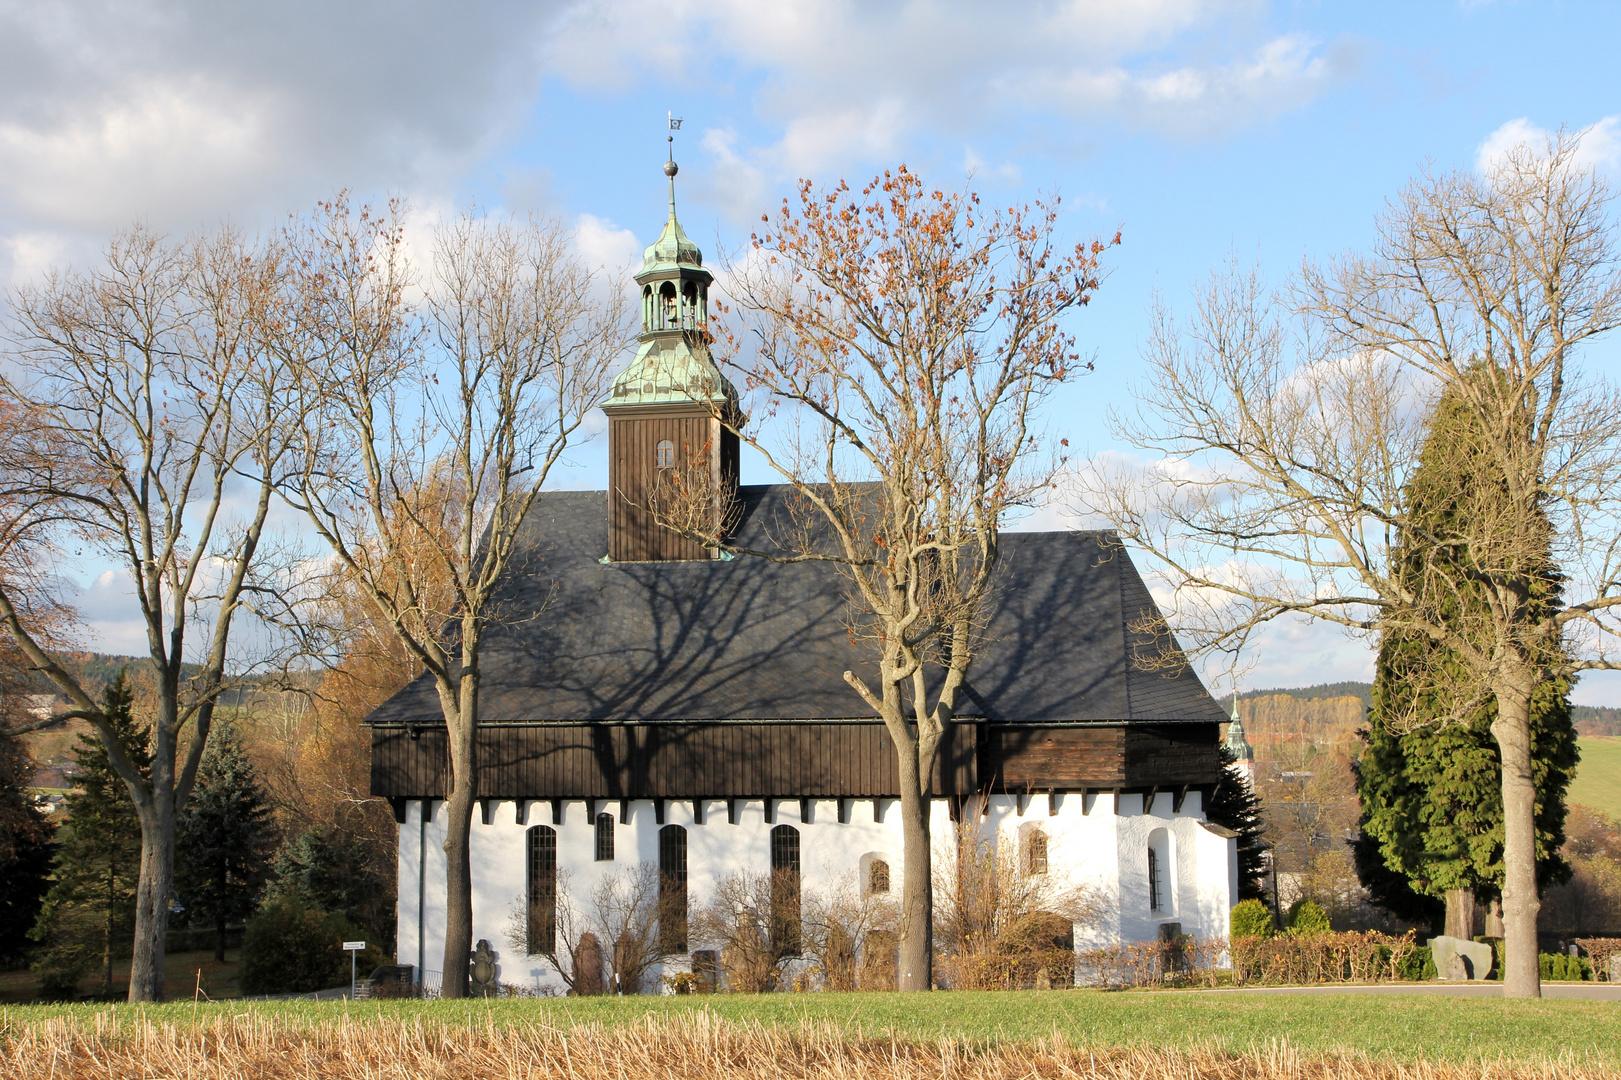 Wehrkirche in Lauterbach (Erzgebirge)